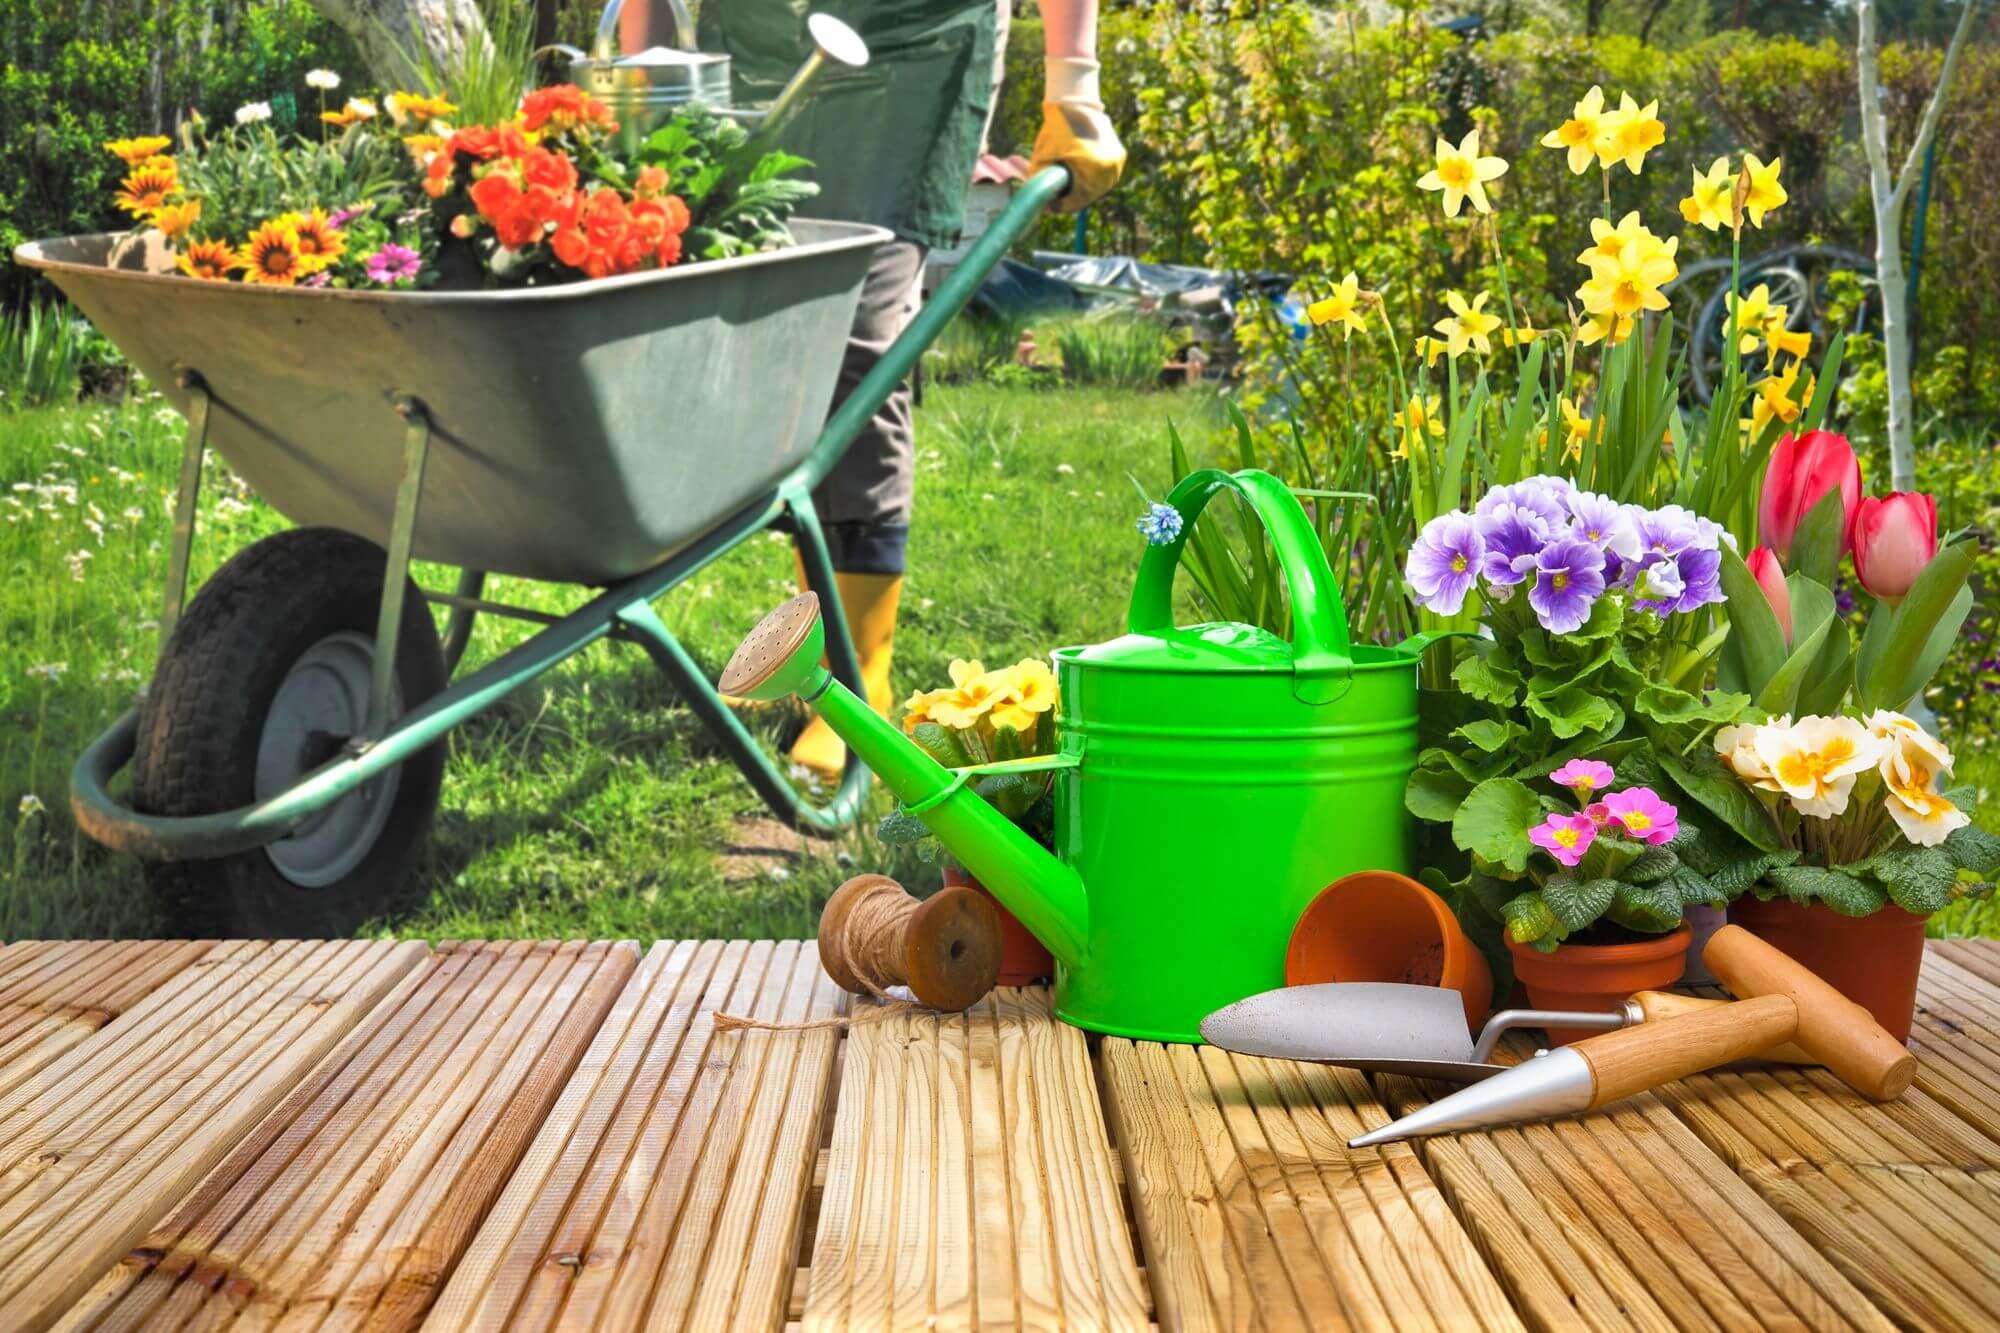 bahçe aletleri, çiçekler